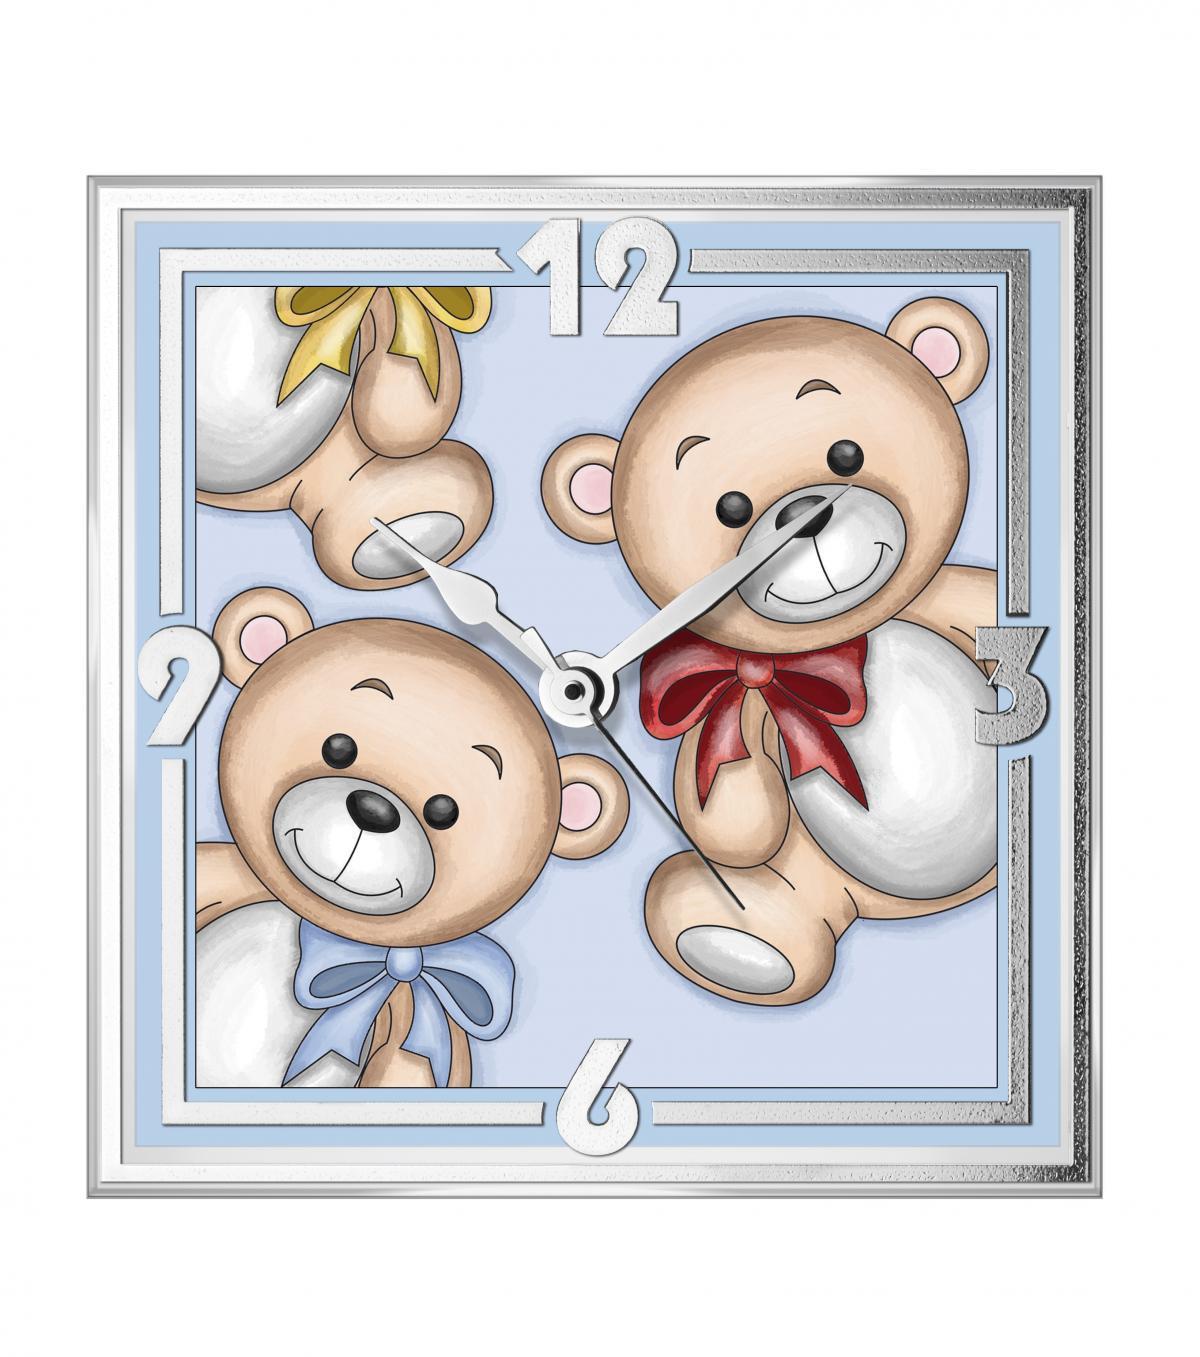 Годинник скляний в дитячу кімнату ``Teddy Bear`` (13х13см) 12647 C